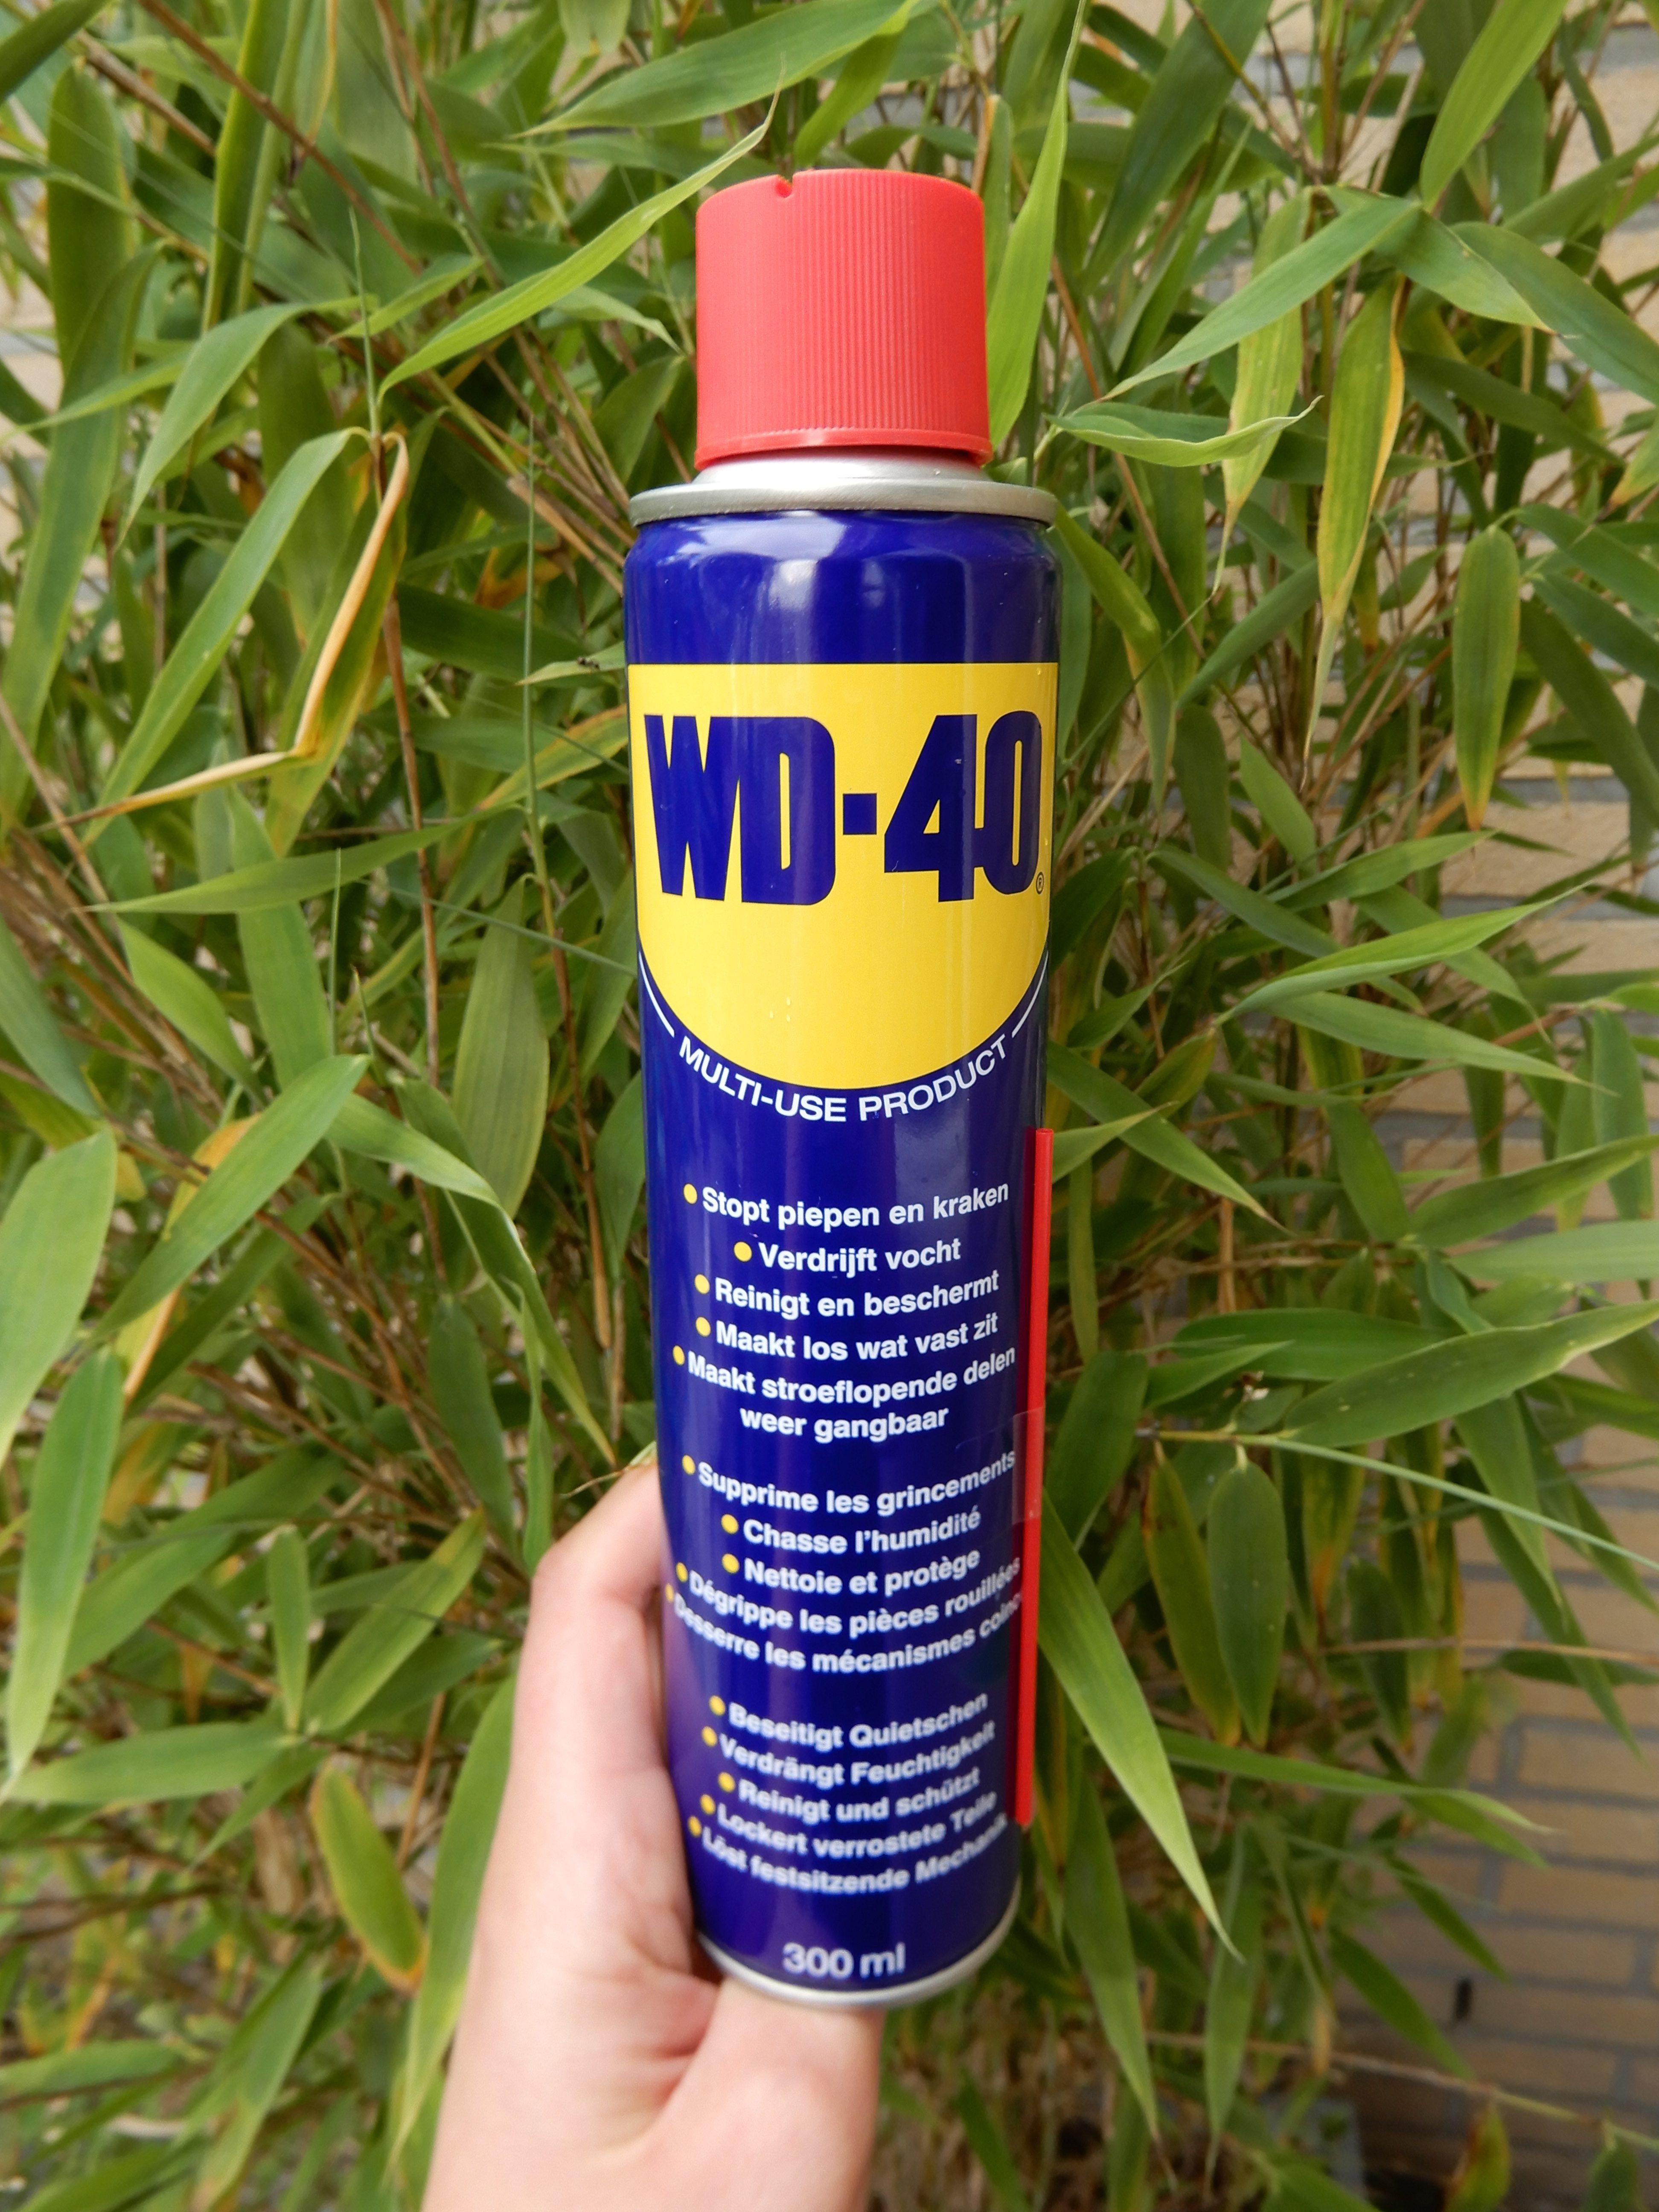 Life hacks met WD-40 - schoonmaaktips BurgertrutjesNL